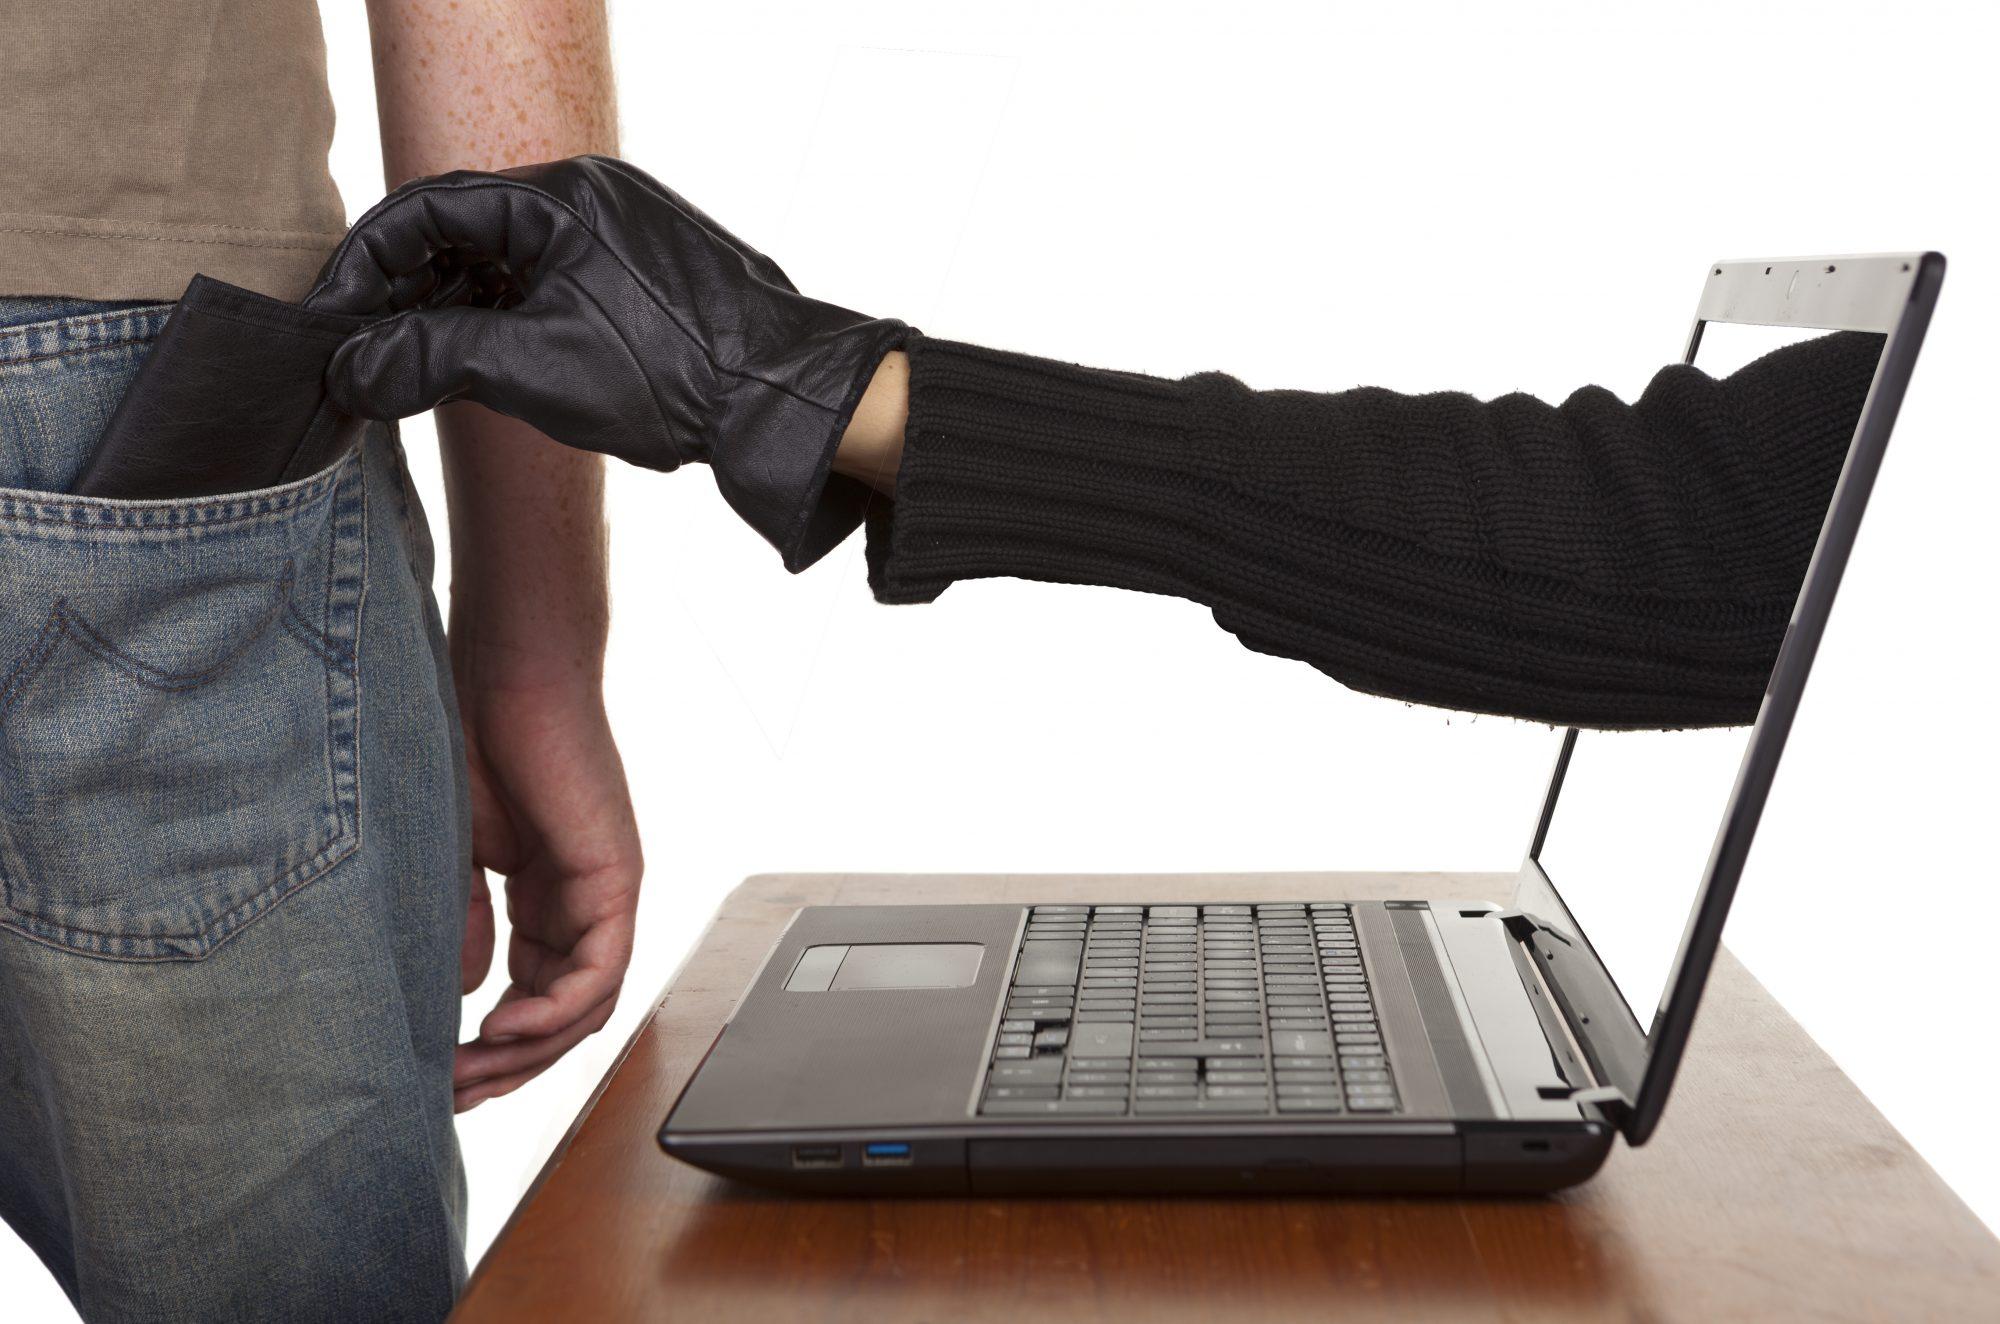 Compras online crescem na pandemia e acende alerta para as fraudes